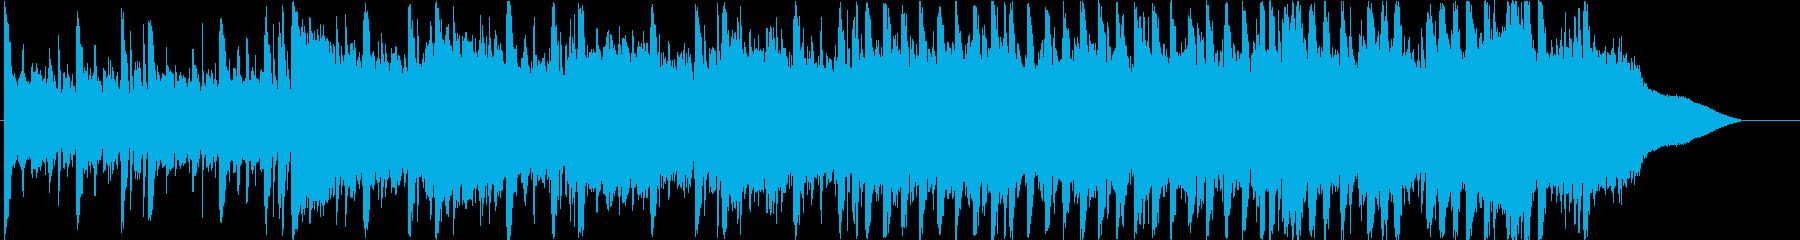 壮大で広がりを感じさせるUKギターロックの再生済みの波形